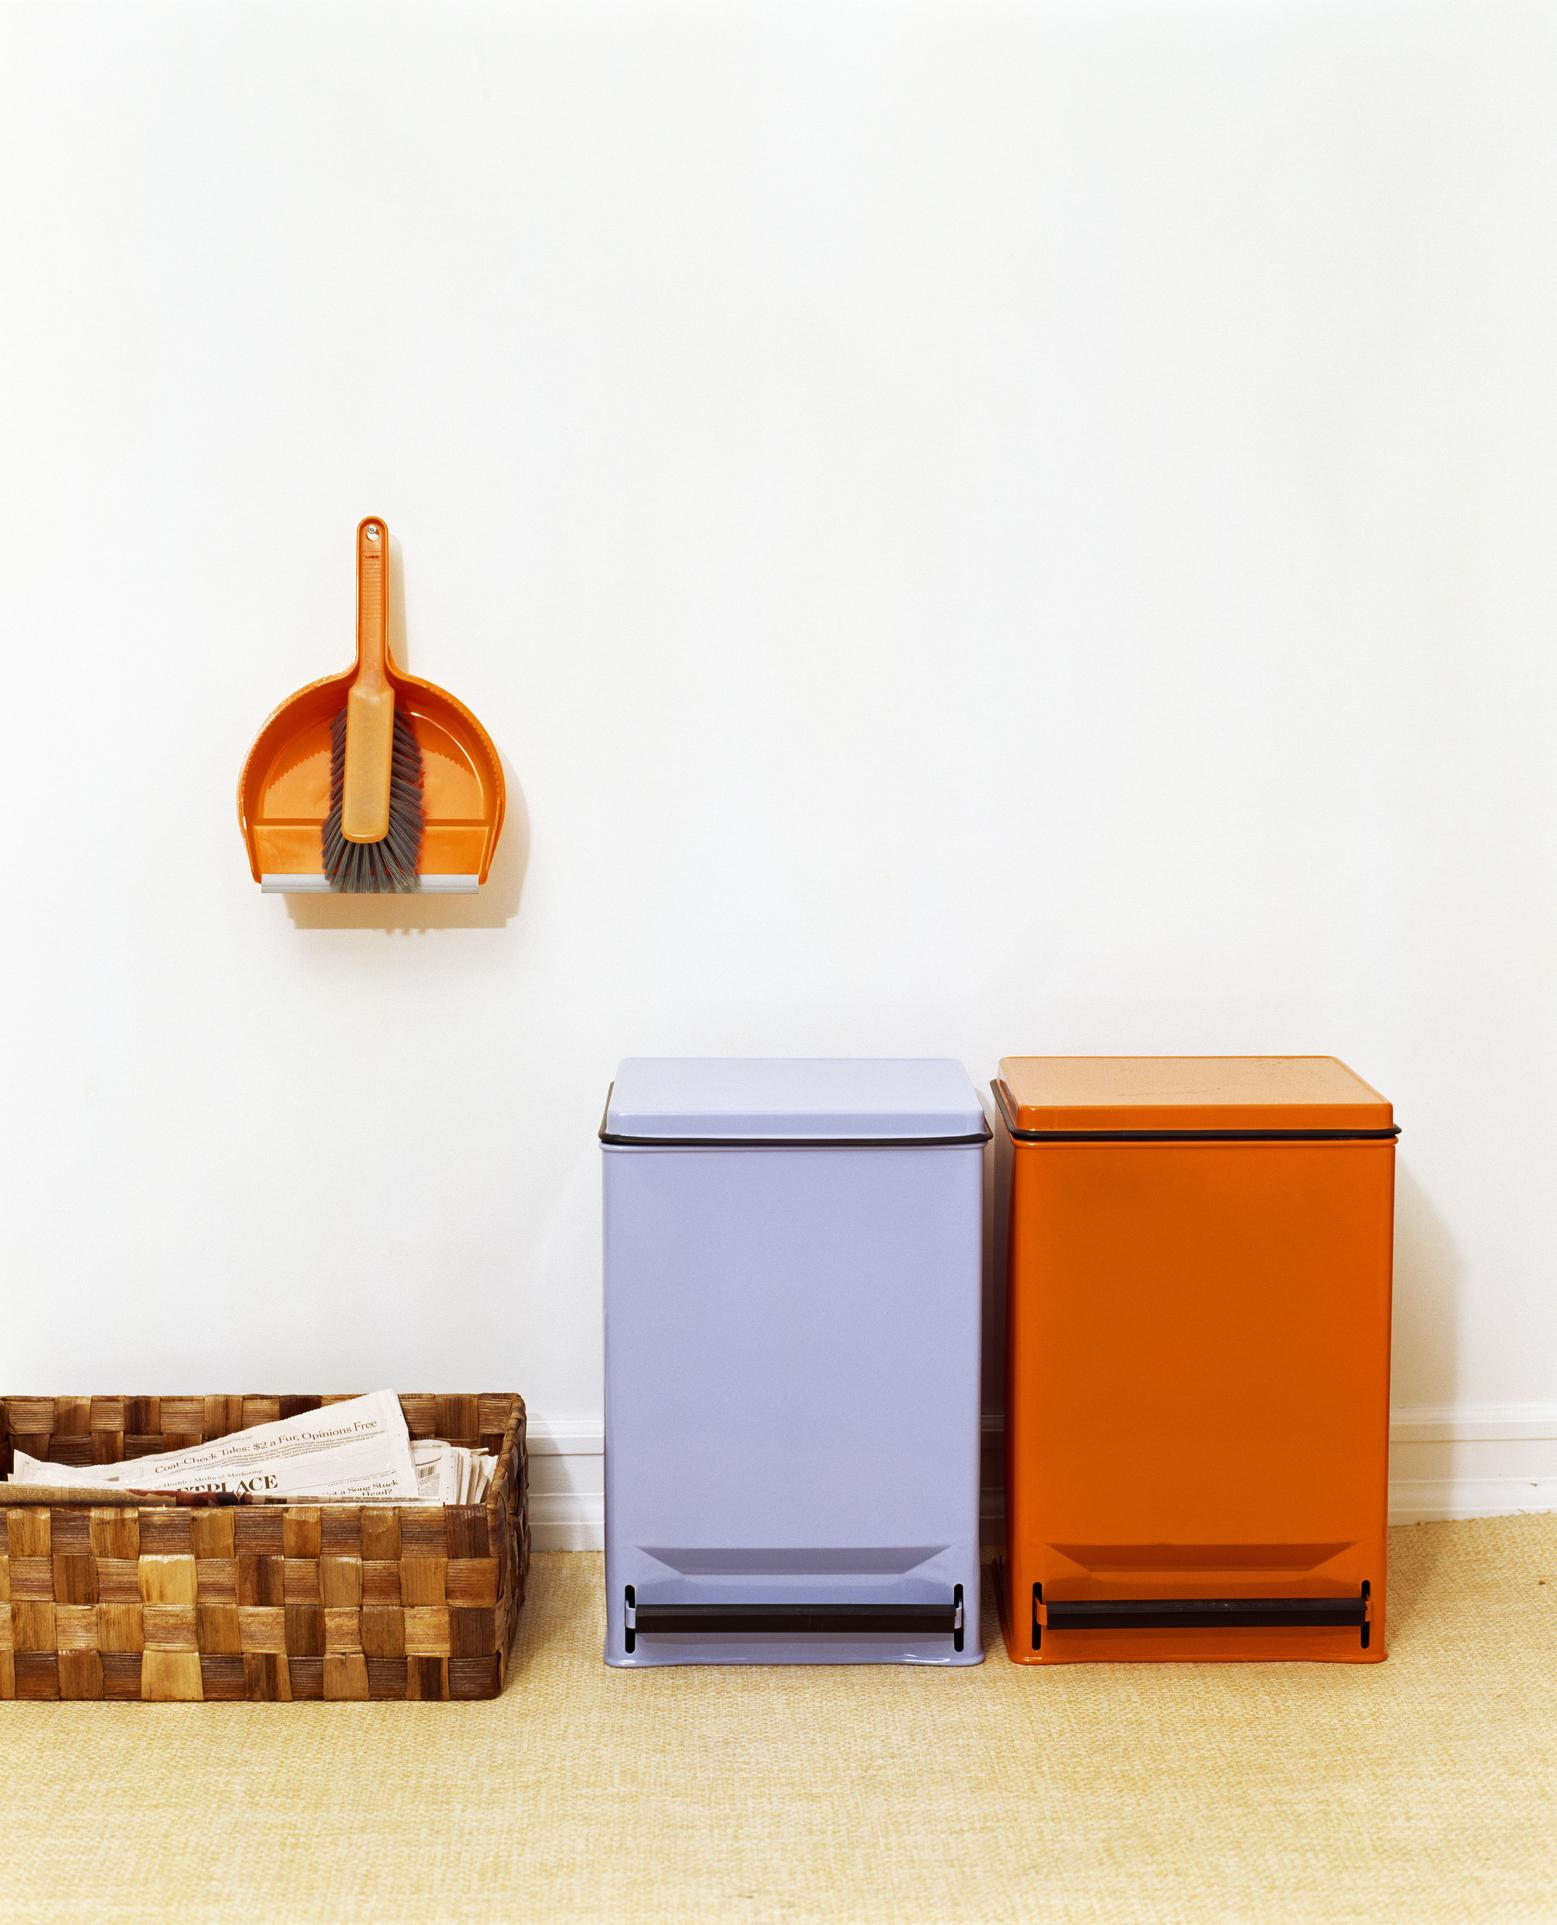 Idee per organizzare gli spazi in casa per la - Contenitori raccolta differenziata per casa ...